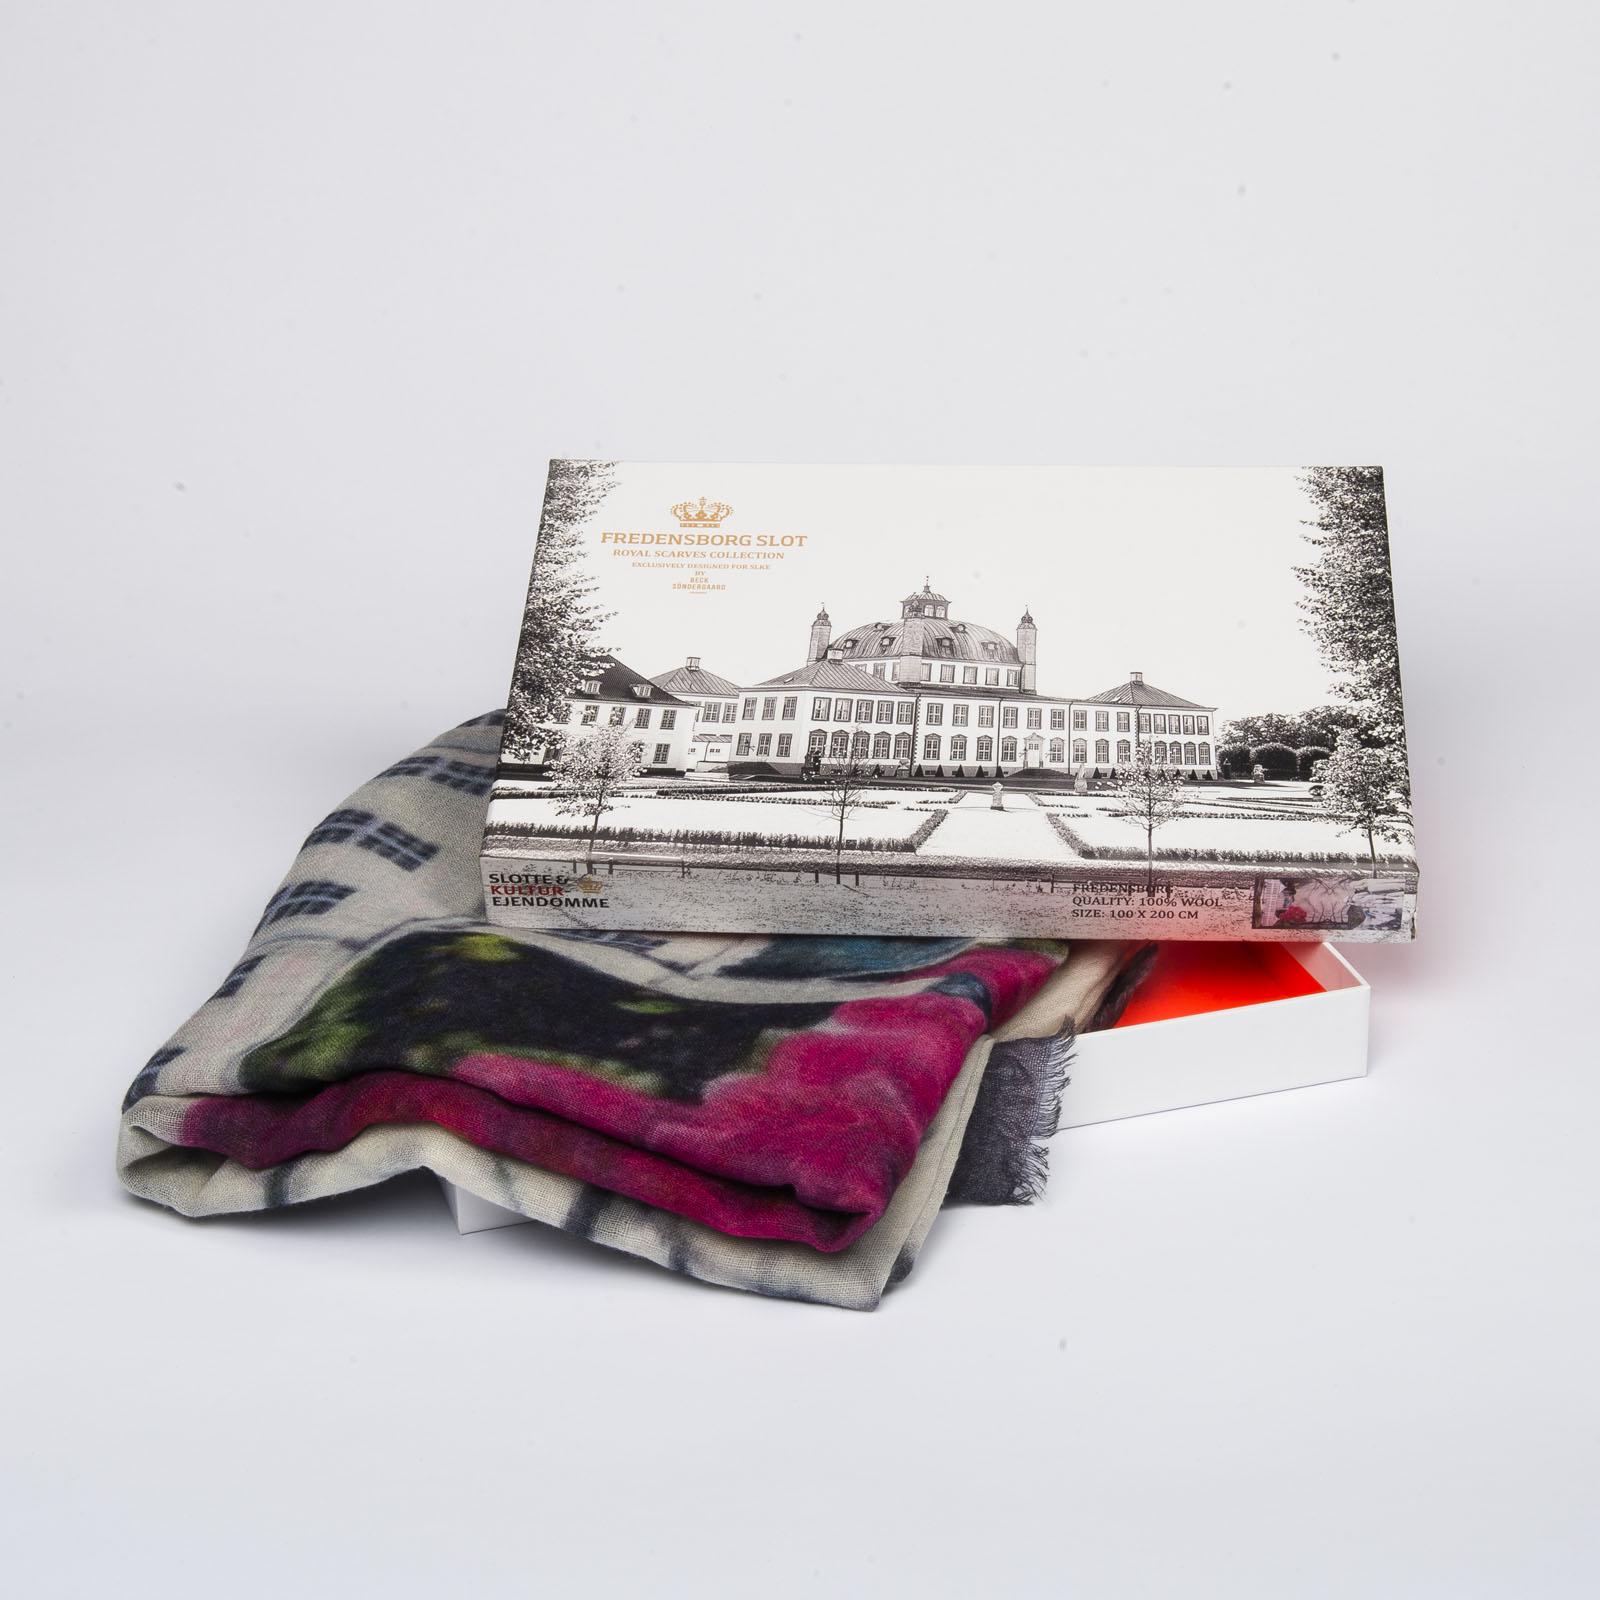 Fredensborg tørklæde